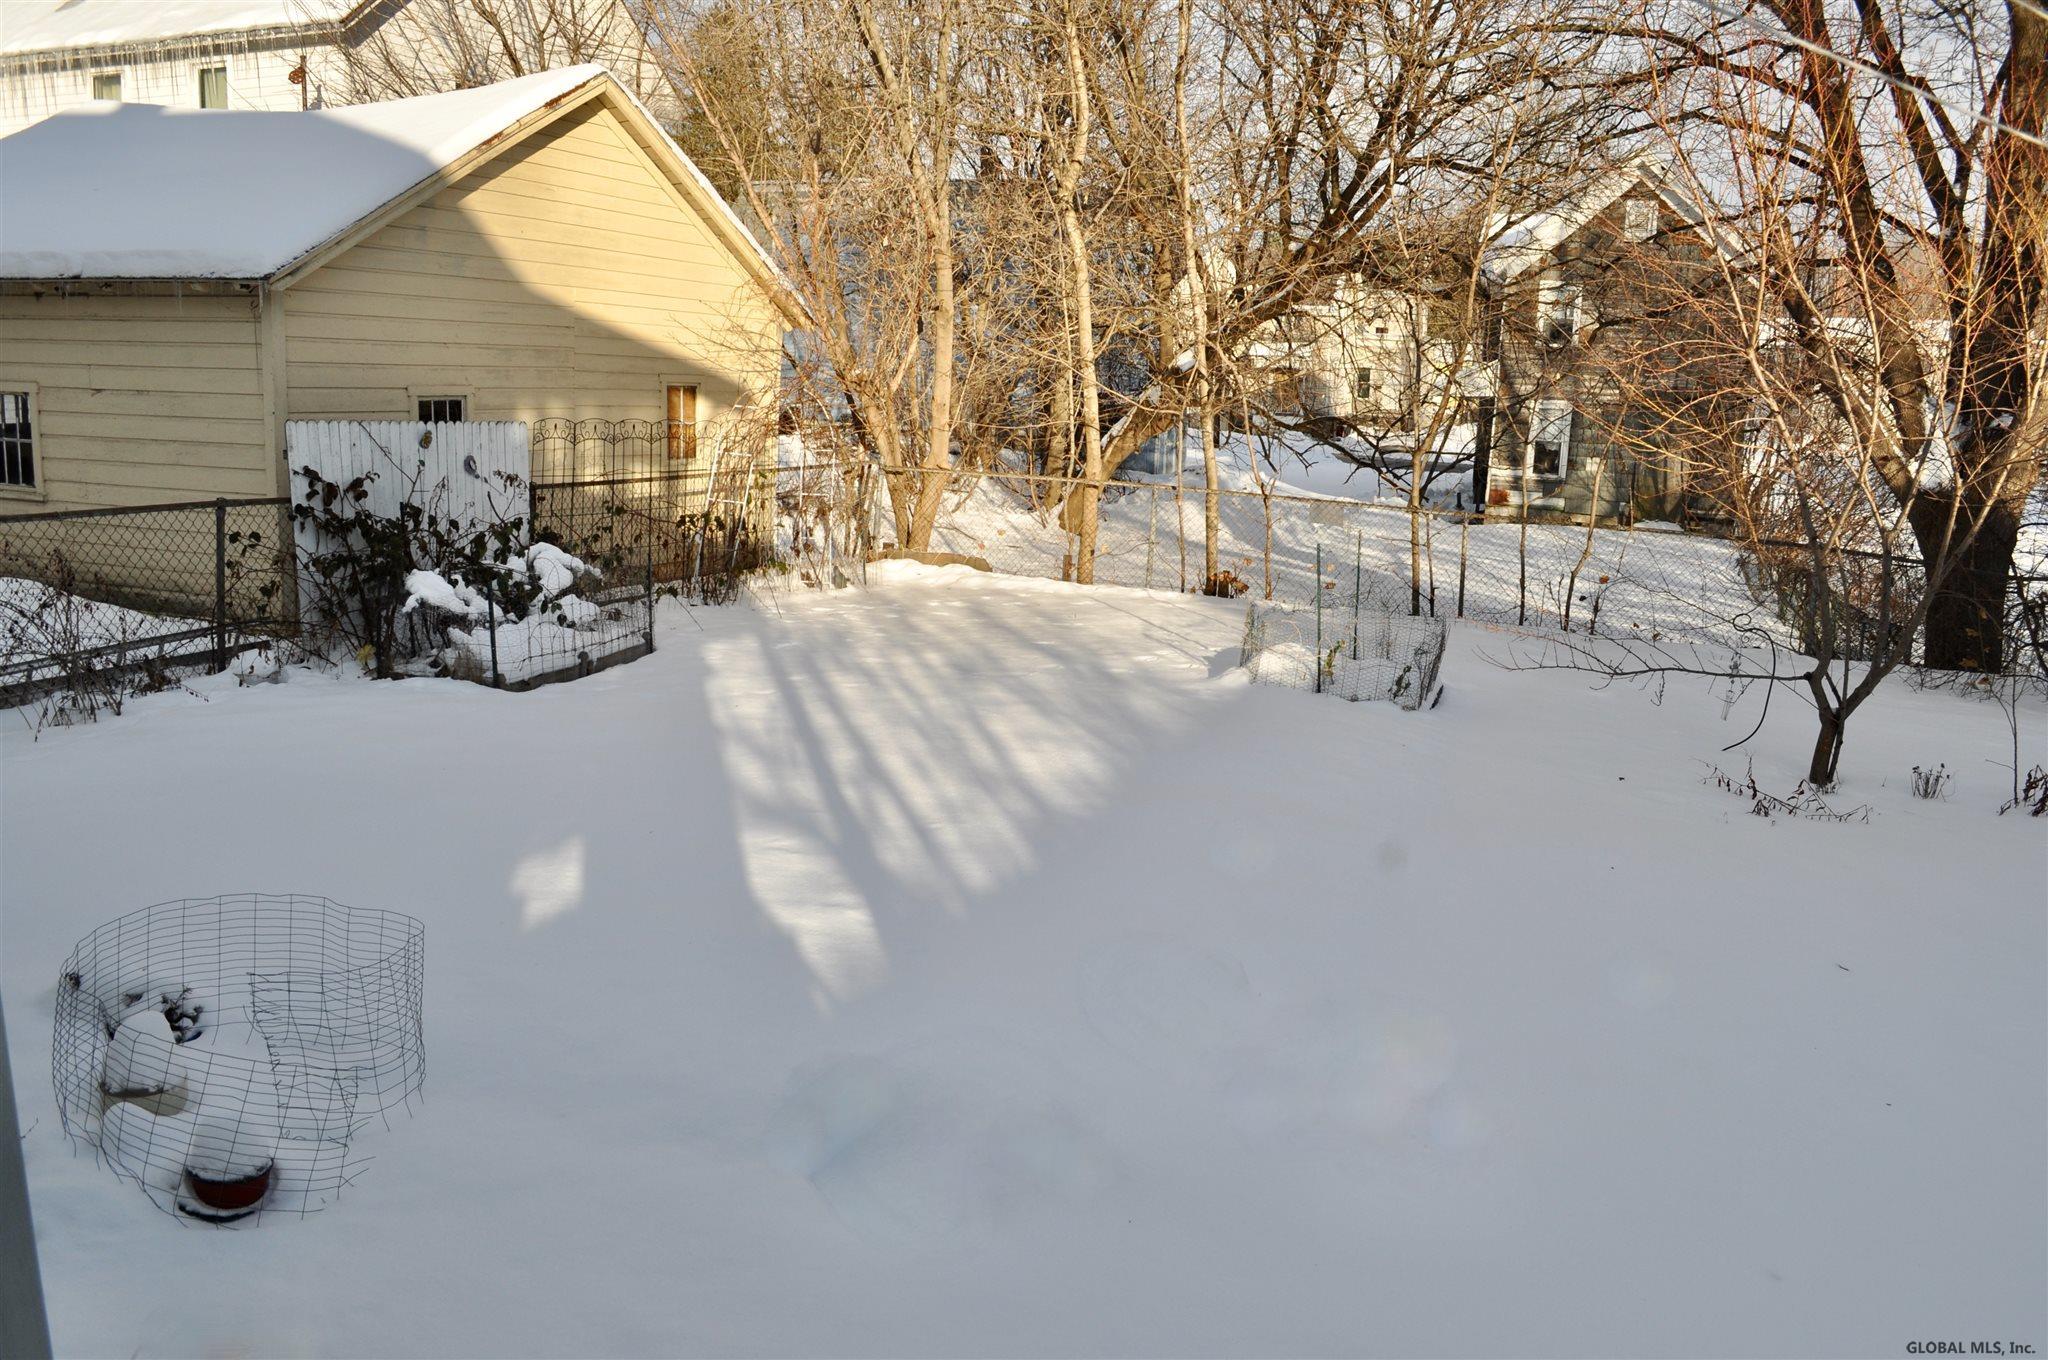 Gloversville image 47